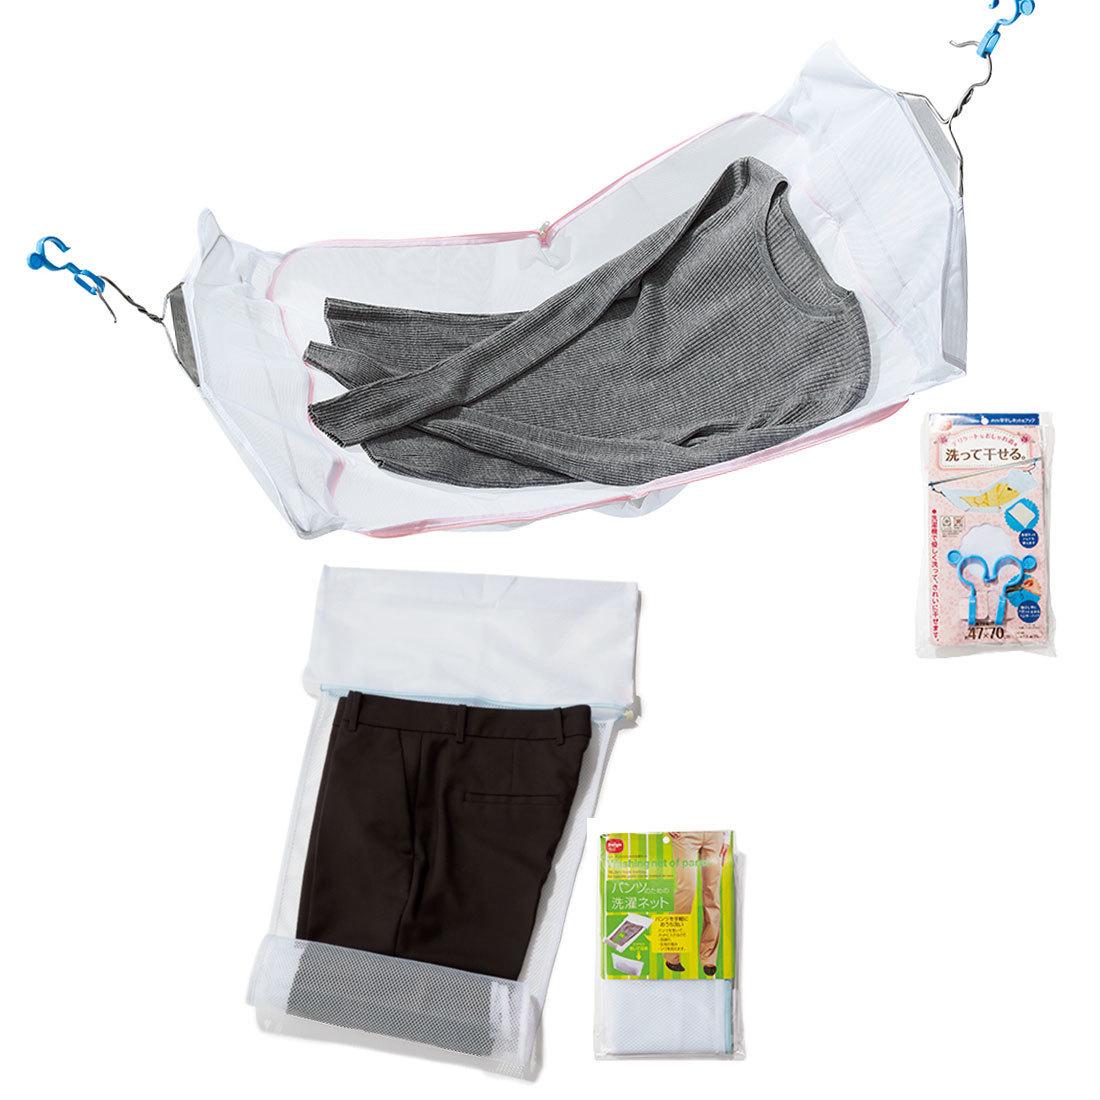 ダイヤコーポレーションの平干しネット&フックとパンツのための洗濯ネット